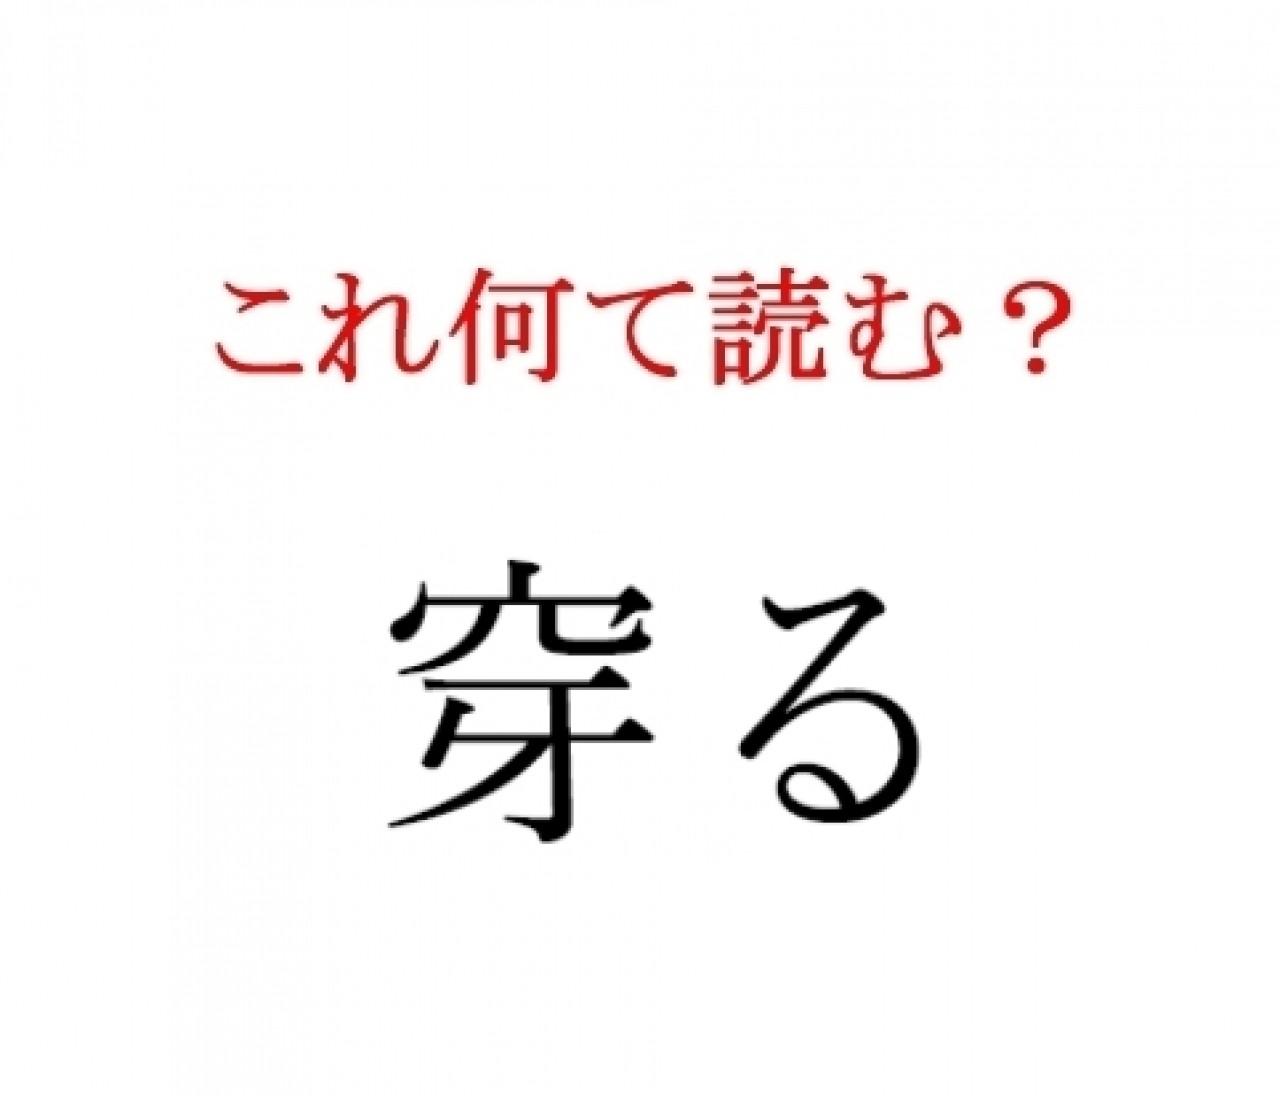 「穿る」:この漢字、自信を持って読めますか?【働く大人の漢字クイズvol.5】